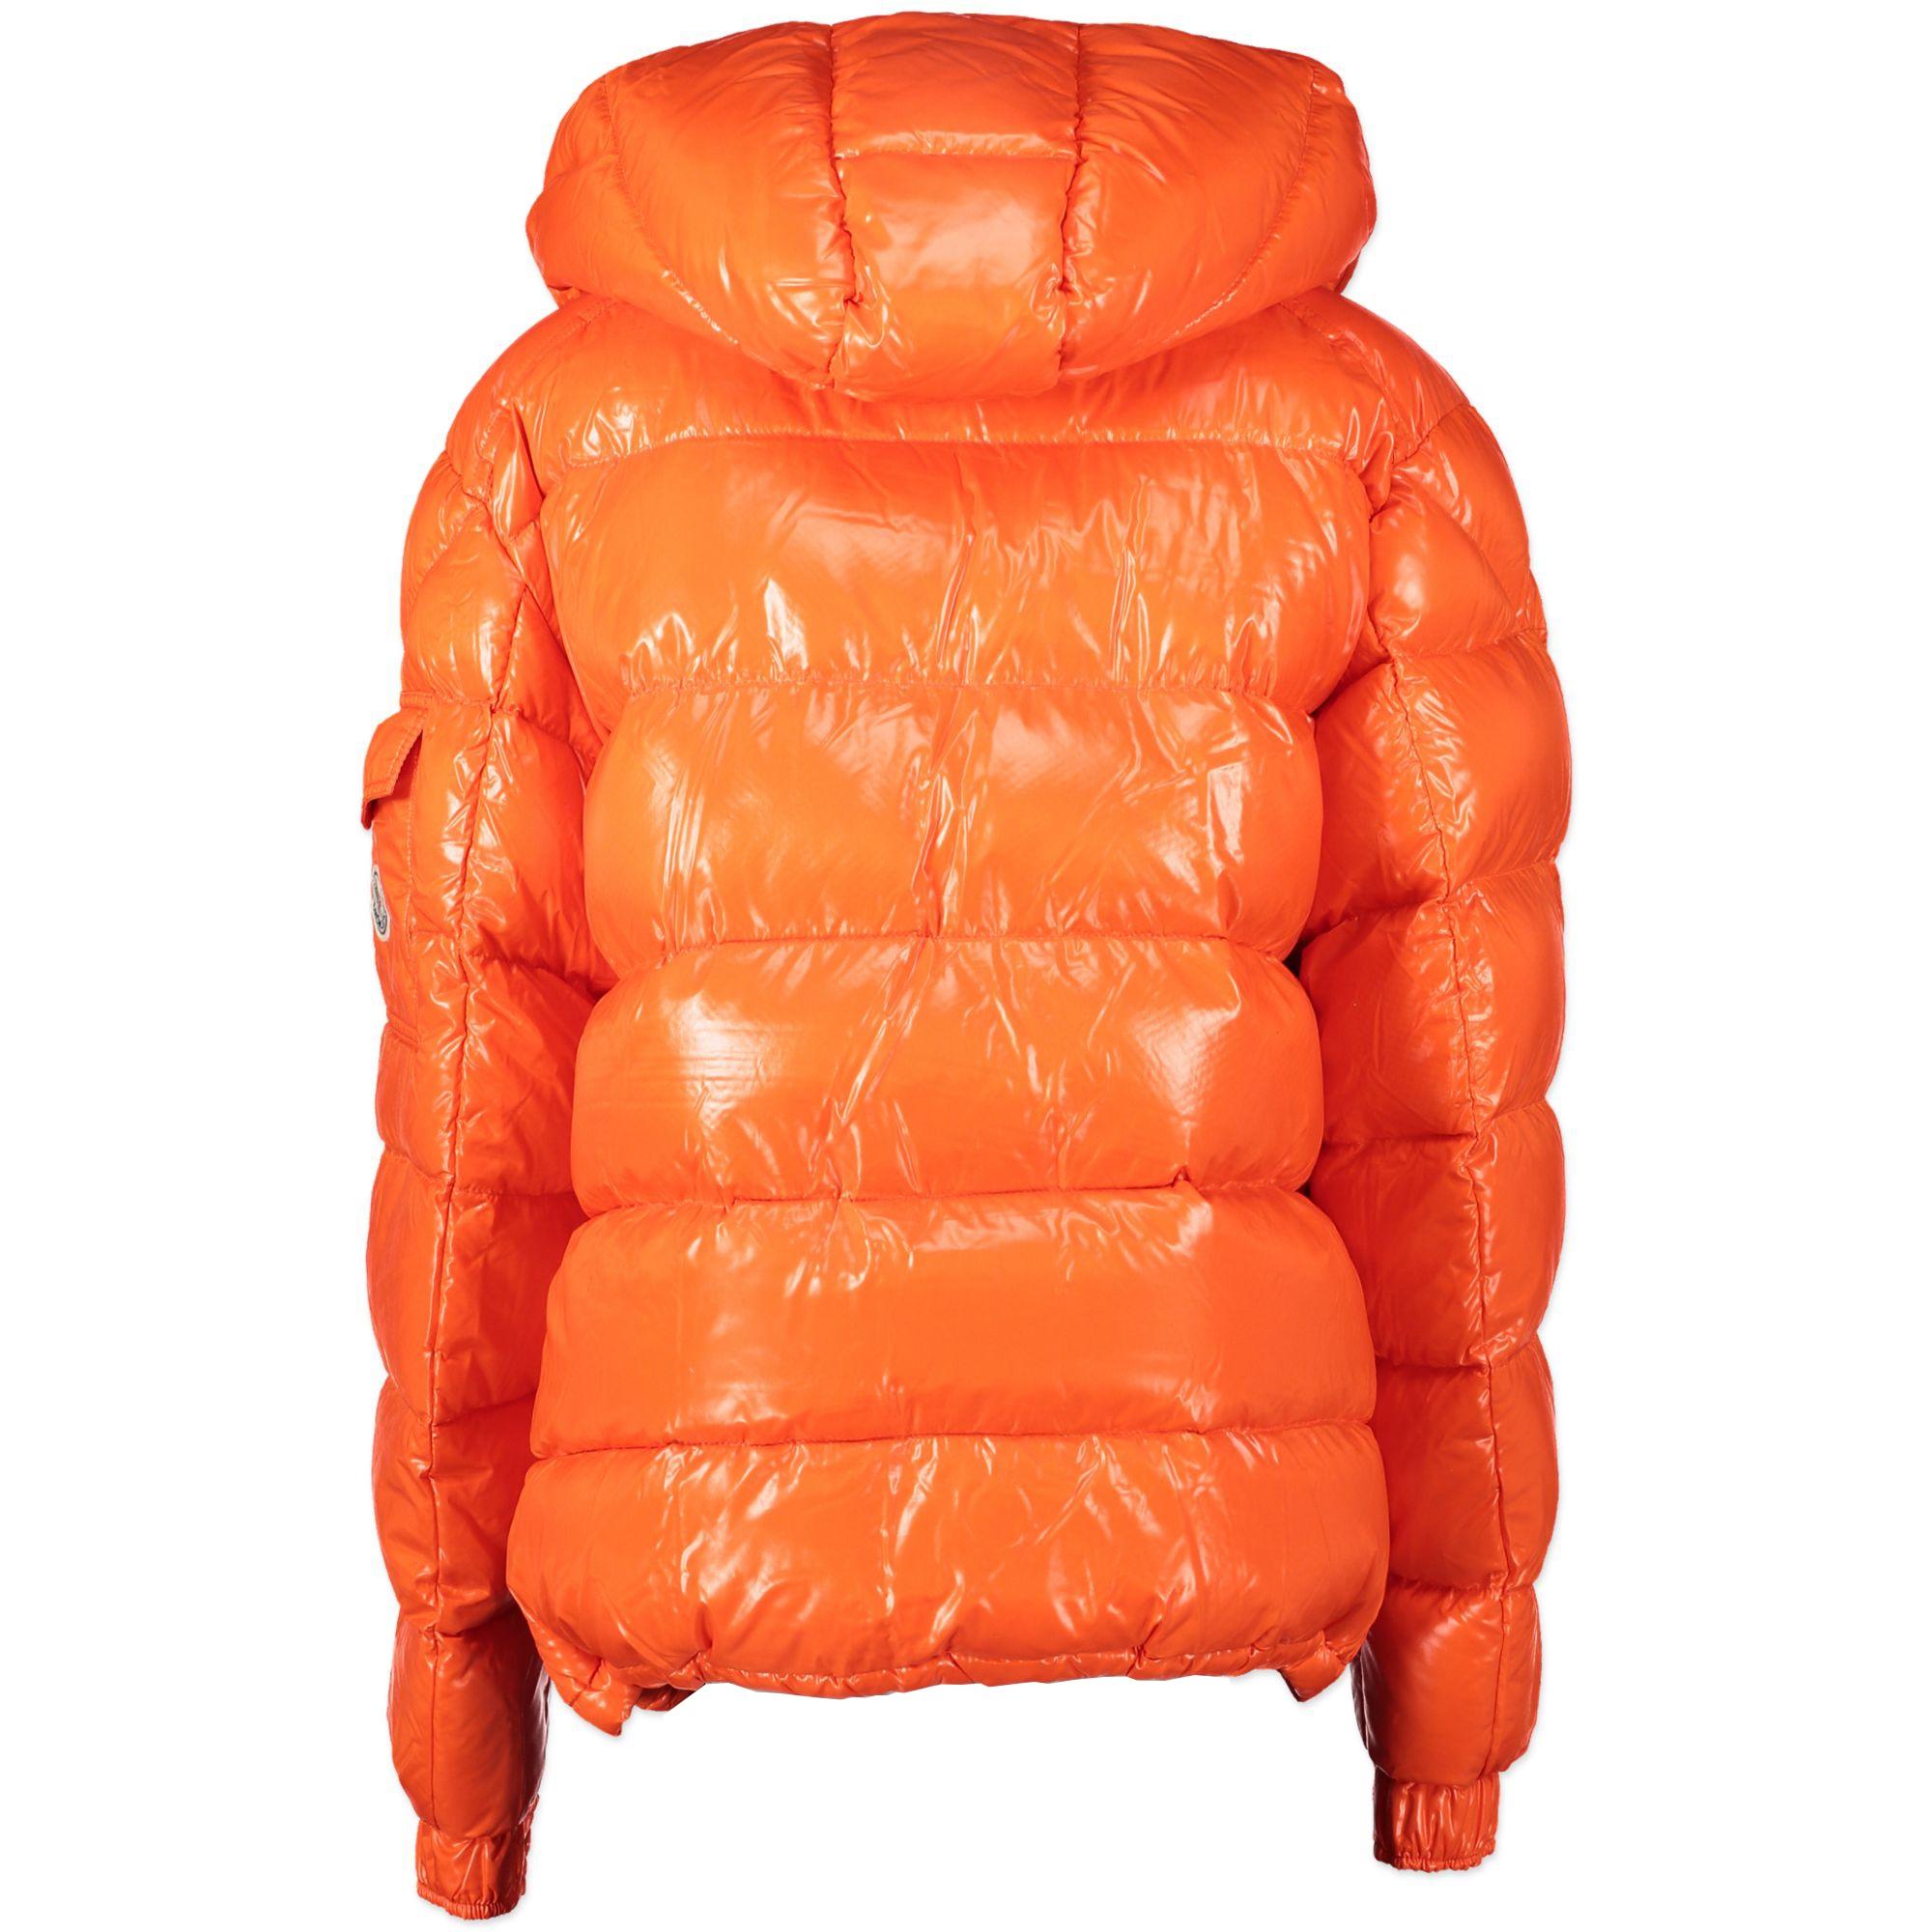 Moncler Orange Puffer Jacket - Size 2 - pour le meilleur prix chez Labellov